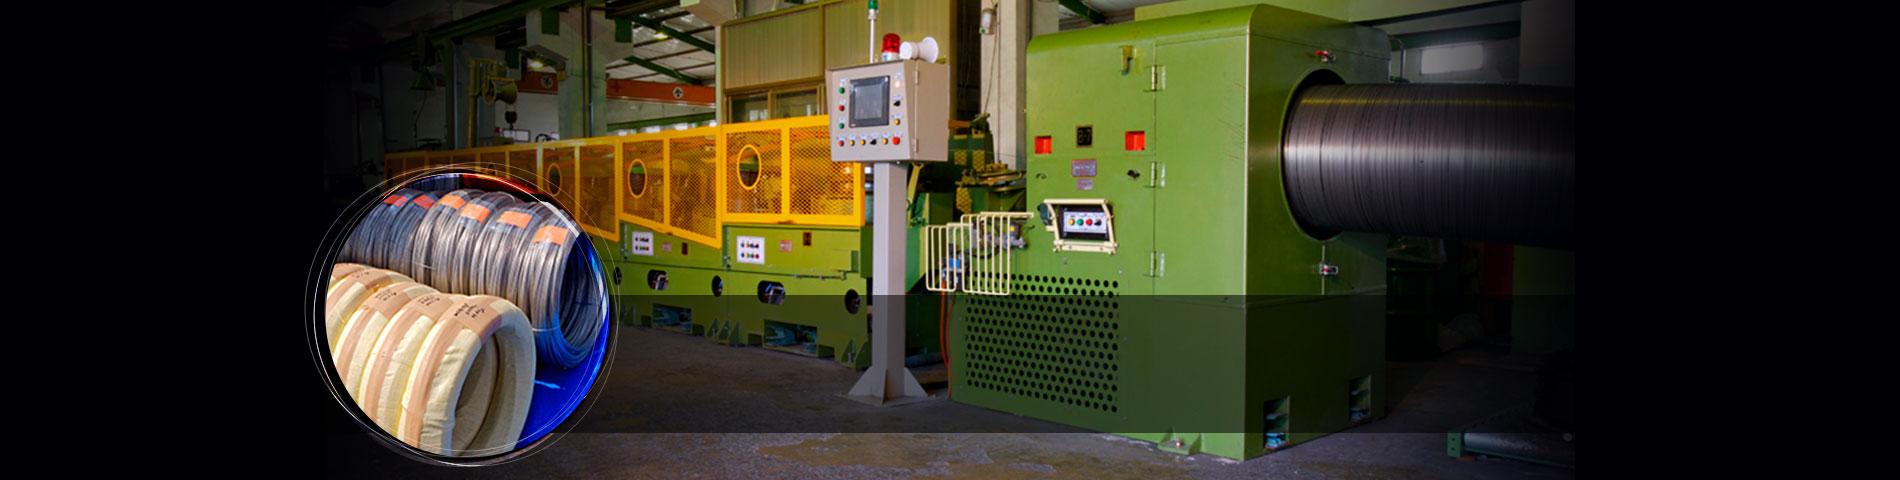 センチャン工業 -台湾のプロのファスナーメーカー